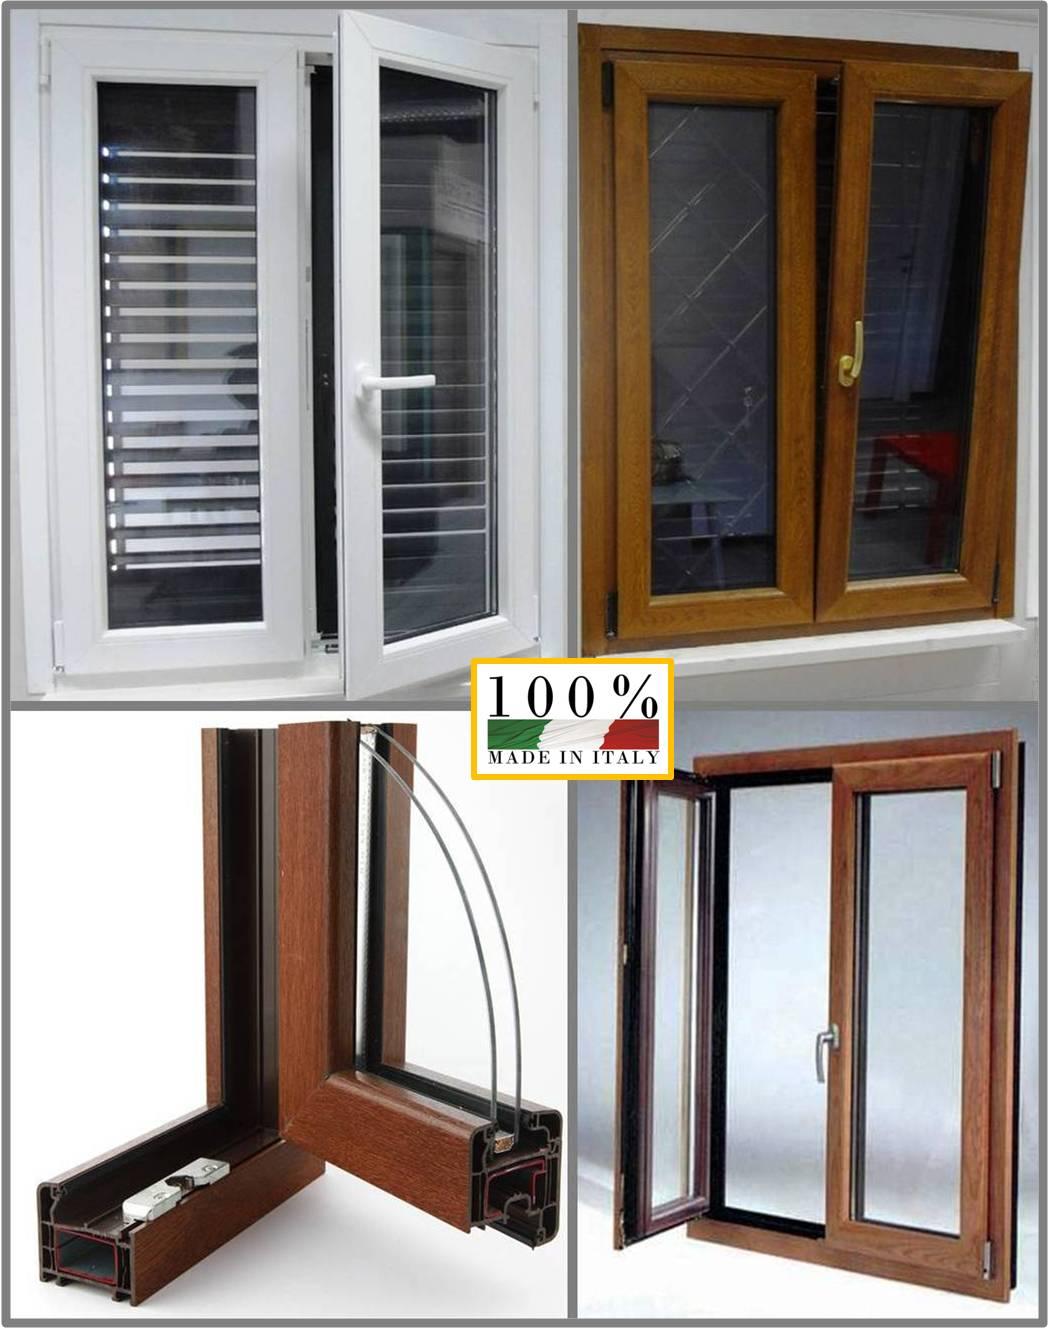 Finestre finestra infissi pvc color legno costo di un pezzo iva compresa ebay - Finestra scorrevole costo ...